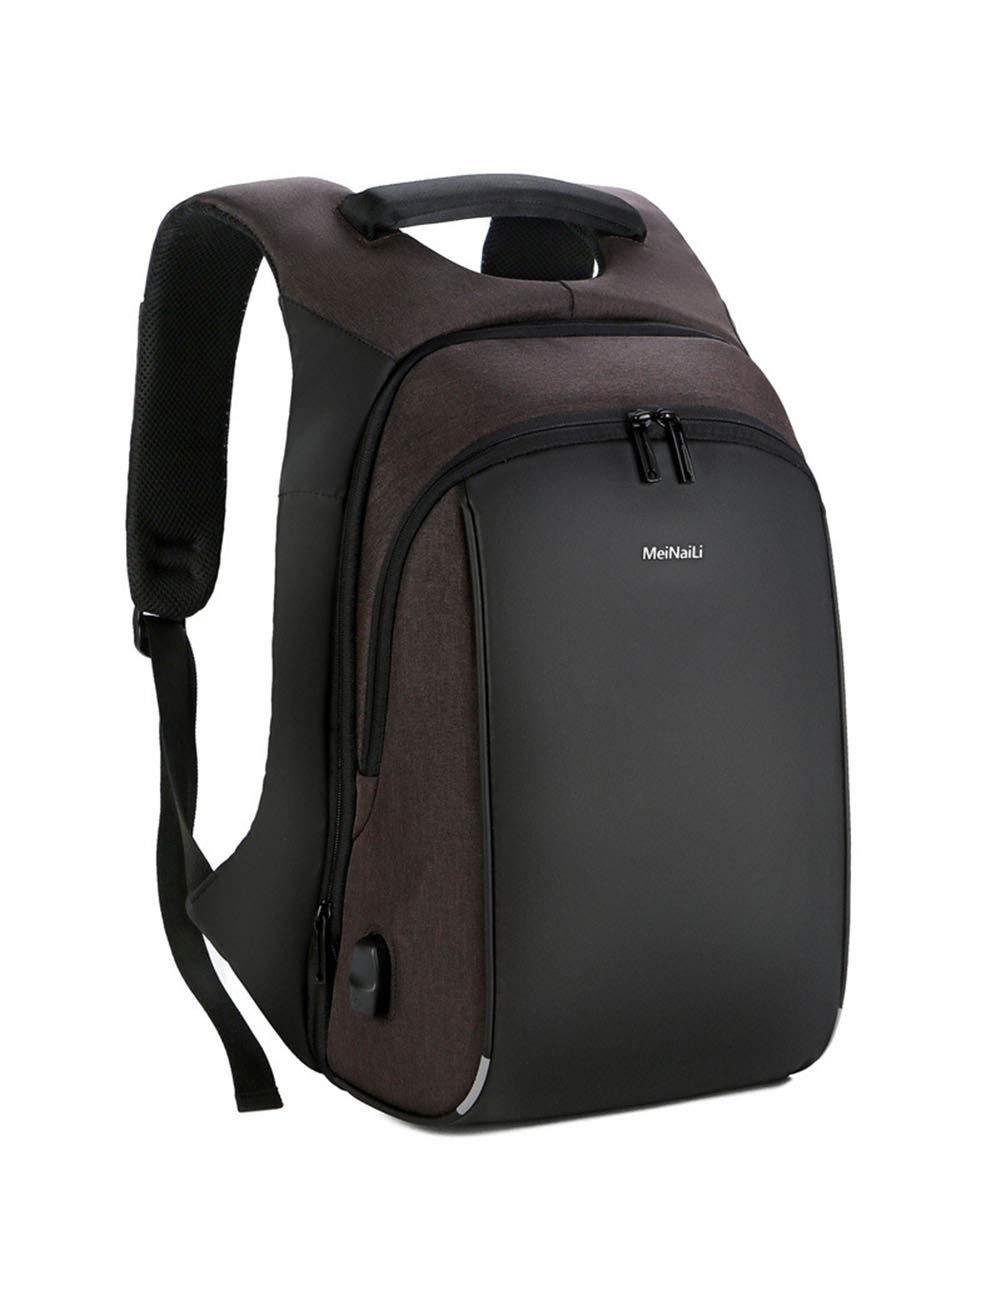 防水ラップトップバックパック迷彩メンズレディース男の子スクールバックパック、カジュアルビジネスデイパック旅行バックパックのための大学  brown B07Q6R7L3D